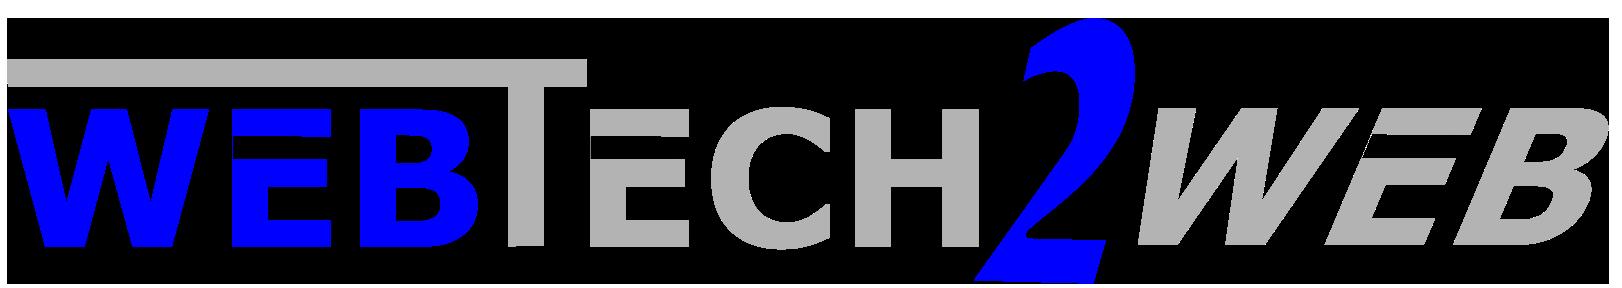 Webtech Media, WebTech, Website Design, Website Flatrate, webtech2web, webtech2car, Foxtrading, Online-Trading, ForexMart, Devisen, Devisenhandel, Forex Trading, Forex, Webdesign, Website,